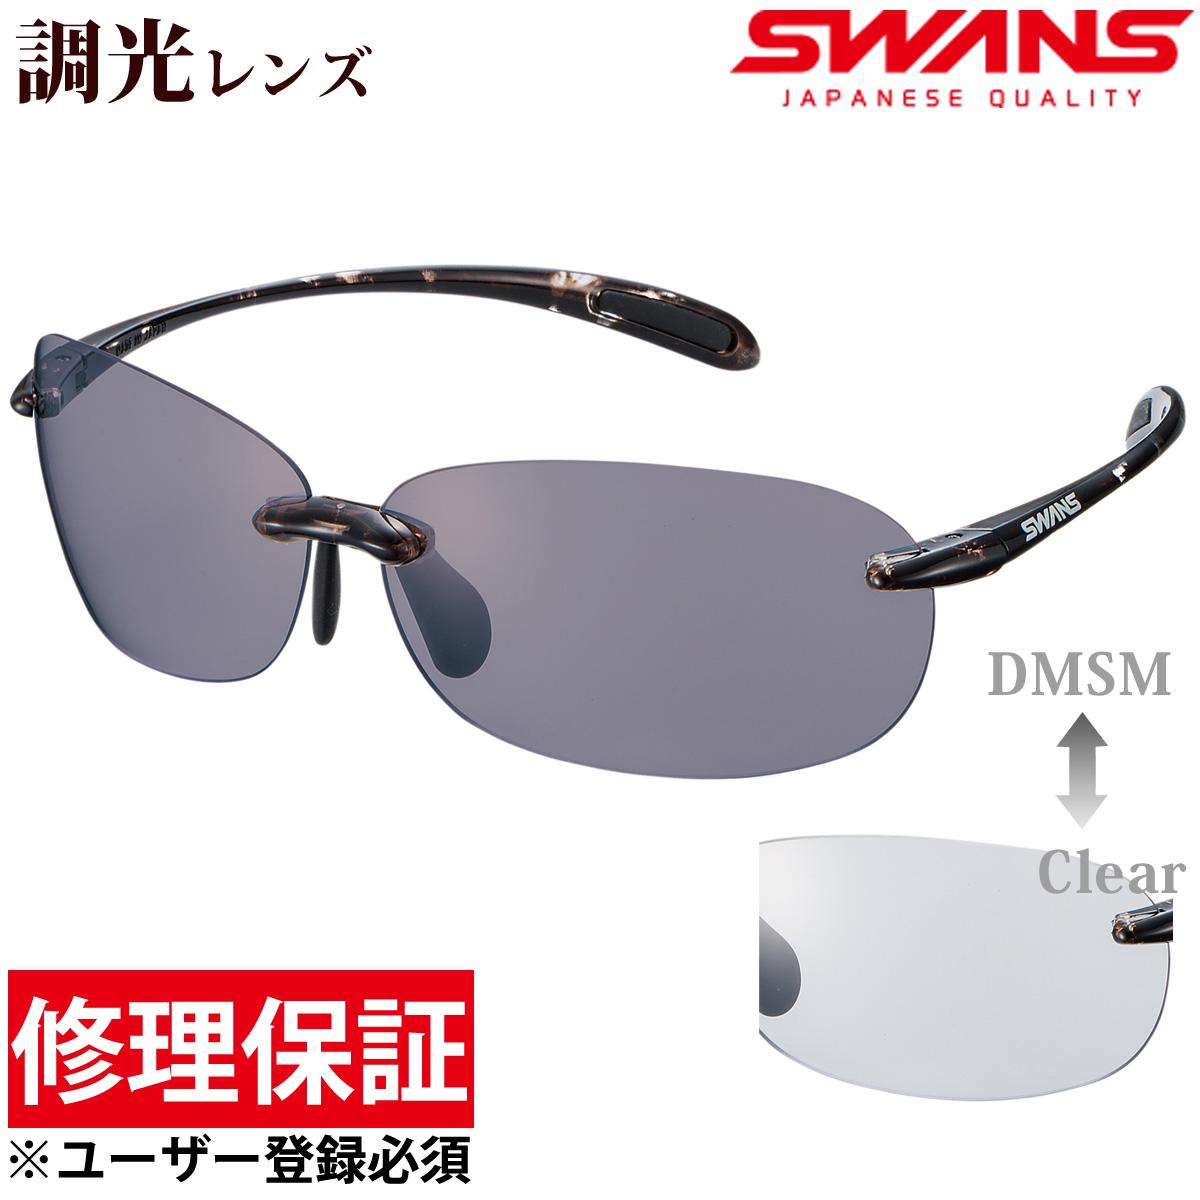 【20日限定クーポン配布中】サングラス メンズ レディース 調光レンズ エアレスビーンズ UV カット SWANS スワンズ SWANS スワンズ